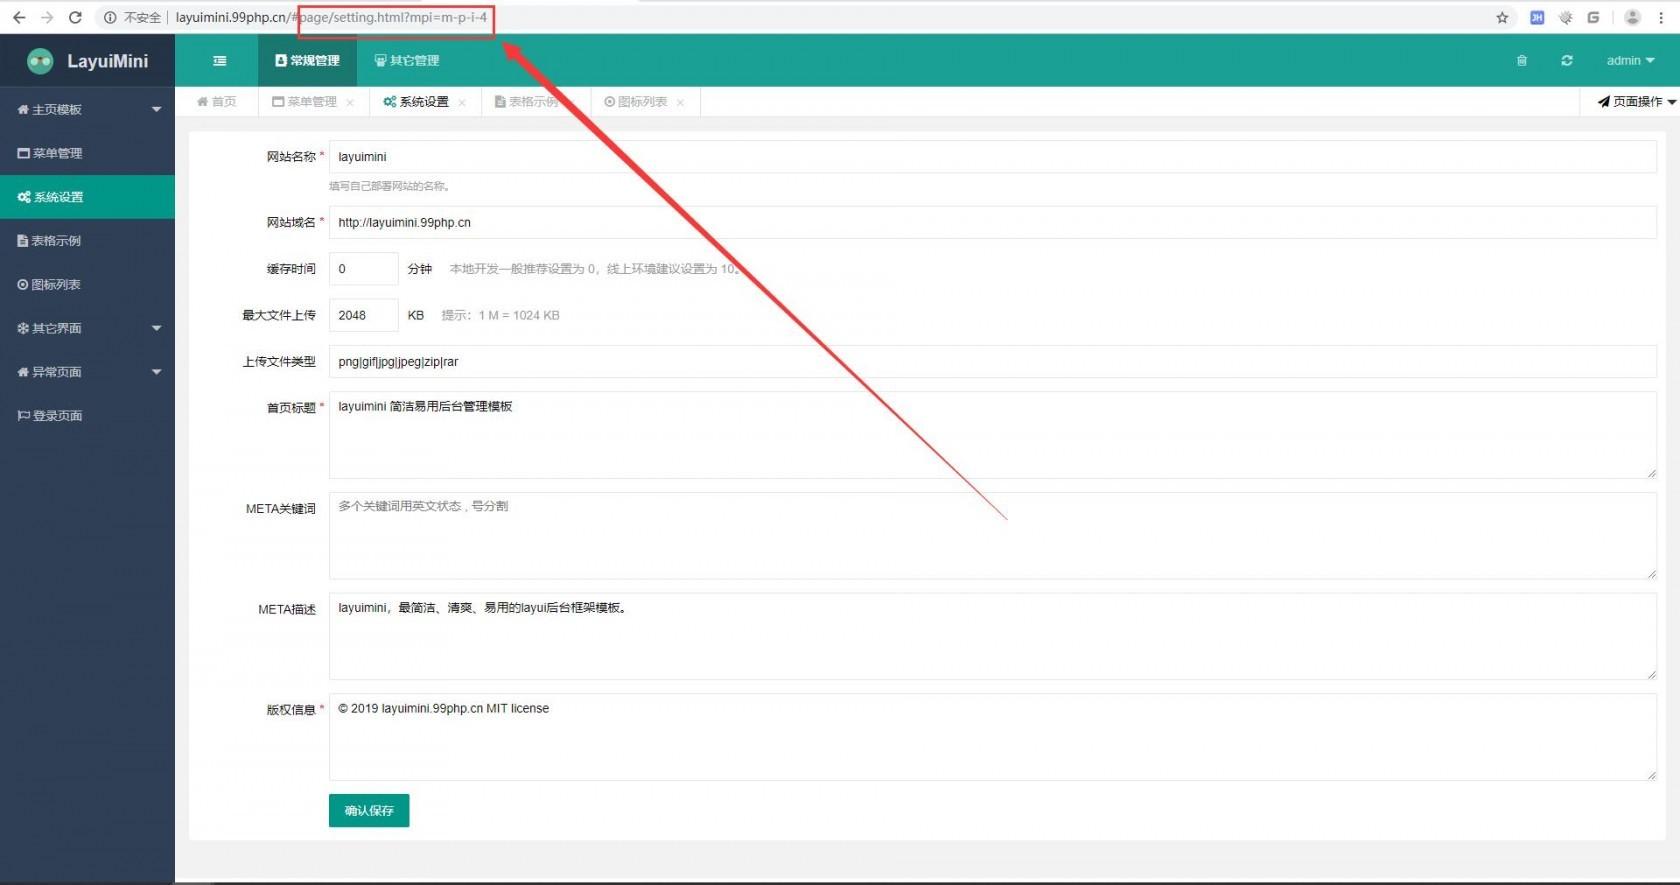 五站合一企业网站源码哪个好(企业flash网站源码) (https://www.oilcn.net.cn/) 网站运营 第2张